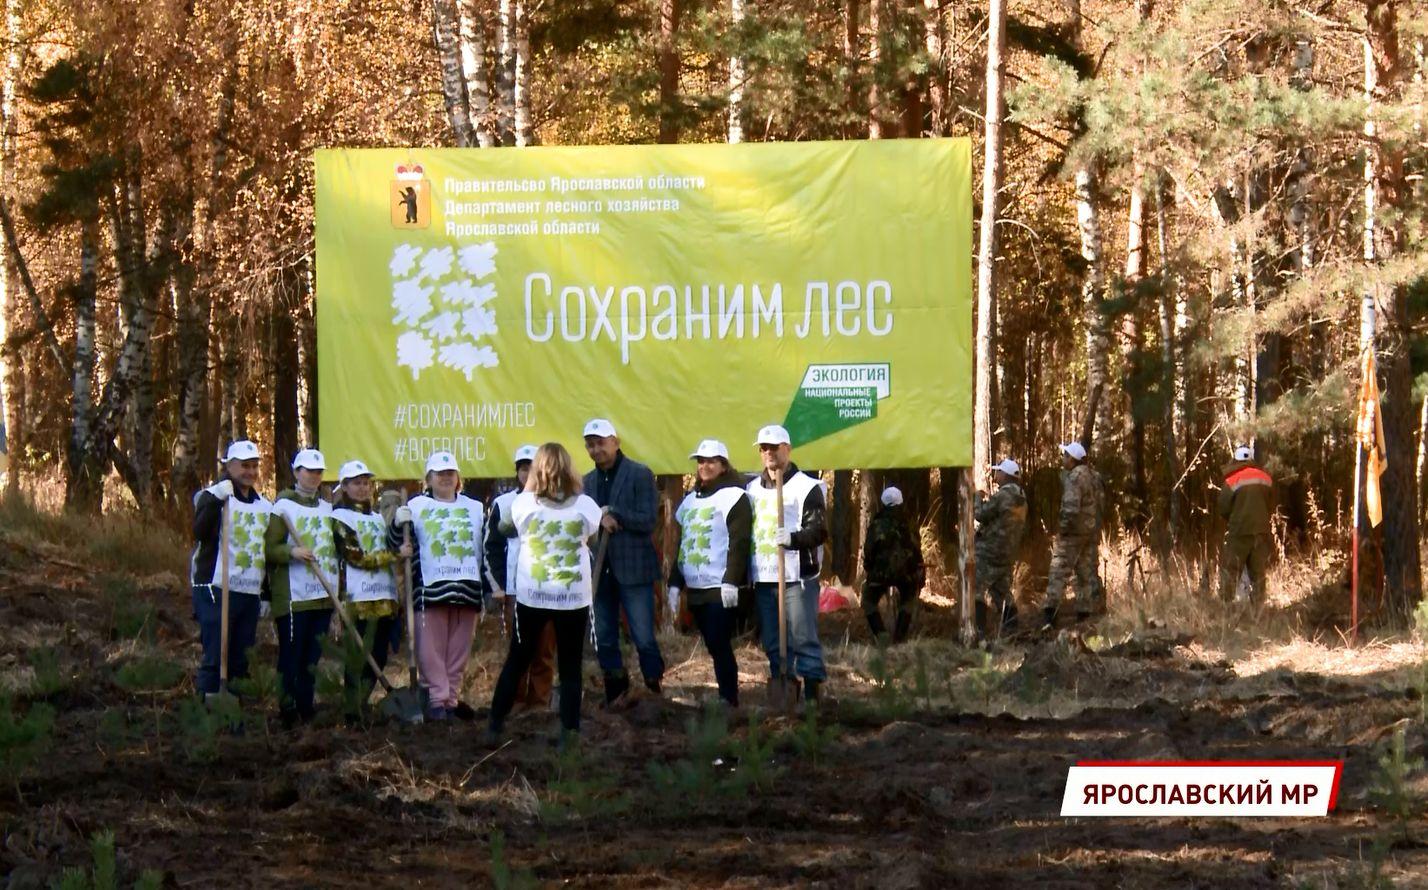 Вместо сгоревшего леса через несколько лет появится новый бор – в Ярославле прошло мероприятие в рамках акции «Сохраним лес»